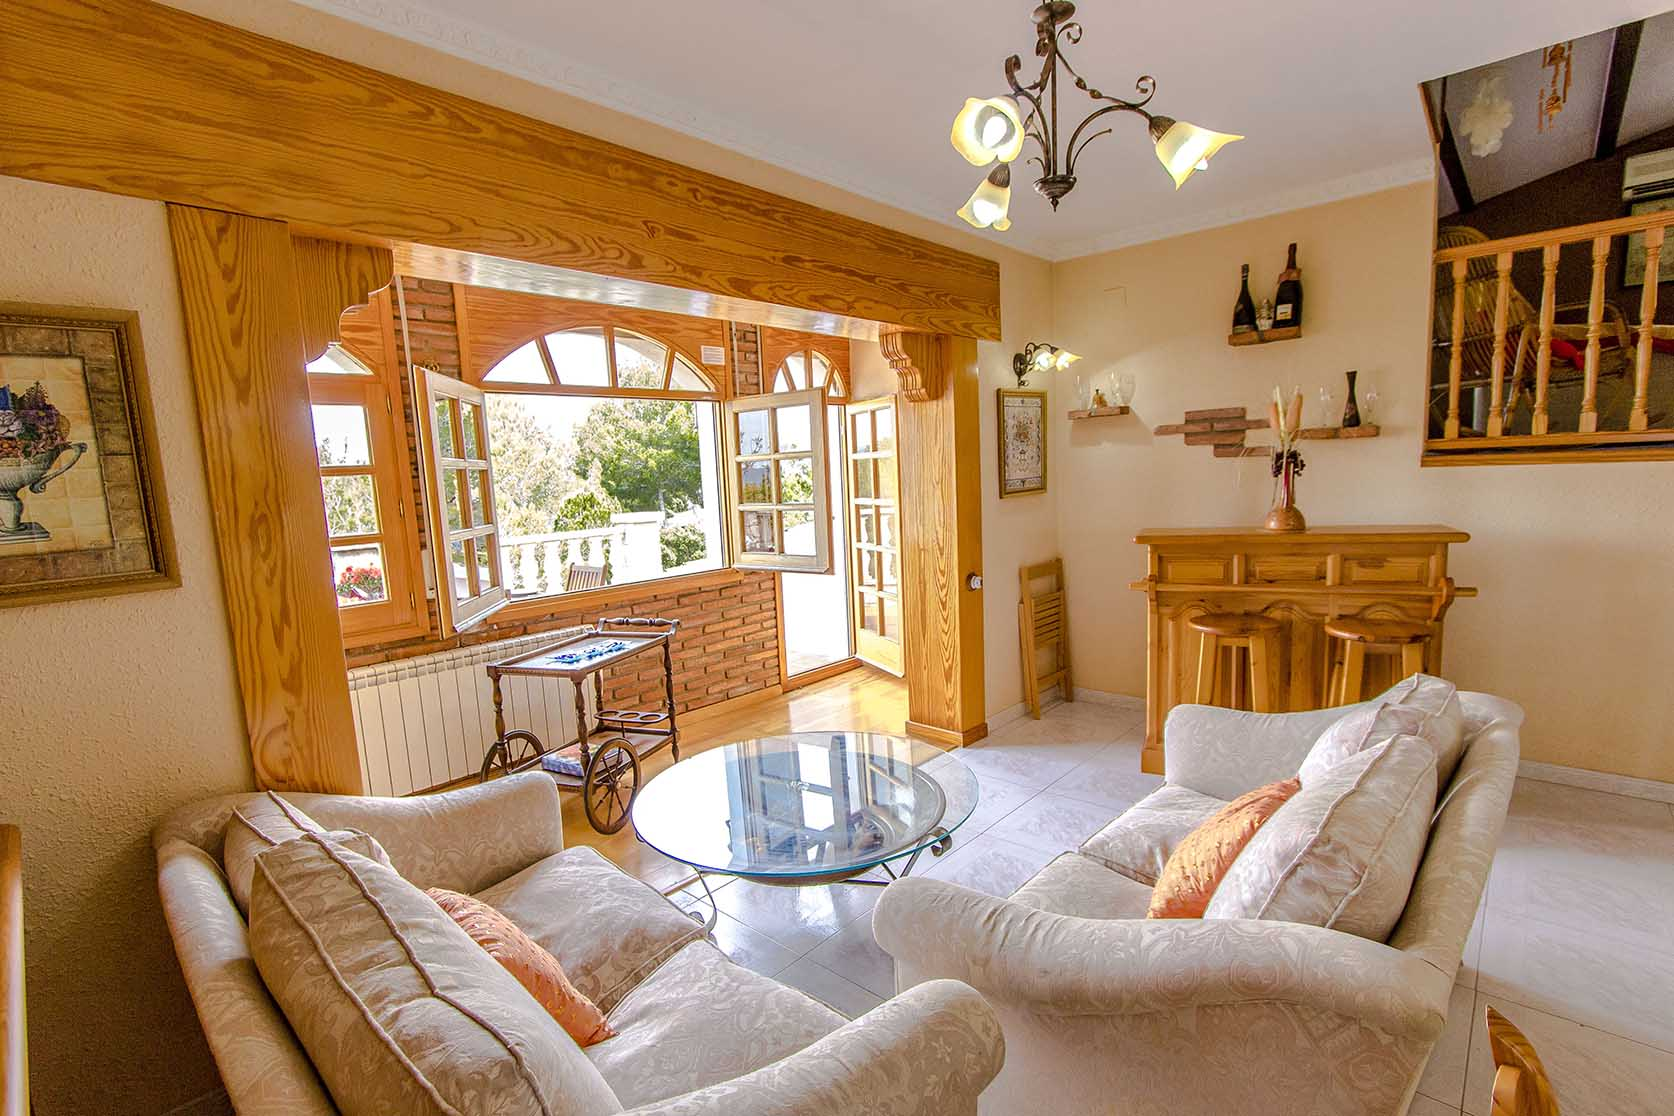 Ferienhaus Catalunya Casas: Lovely villa in Castellet, only 10 min to Costa Dorada beaches! (1890850), Castellet i la Gornal, Costa del Garraf, Katalonien, Spanien, Bild 13